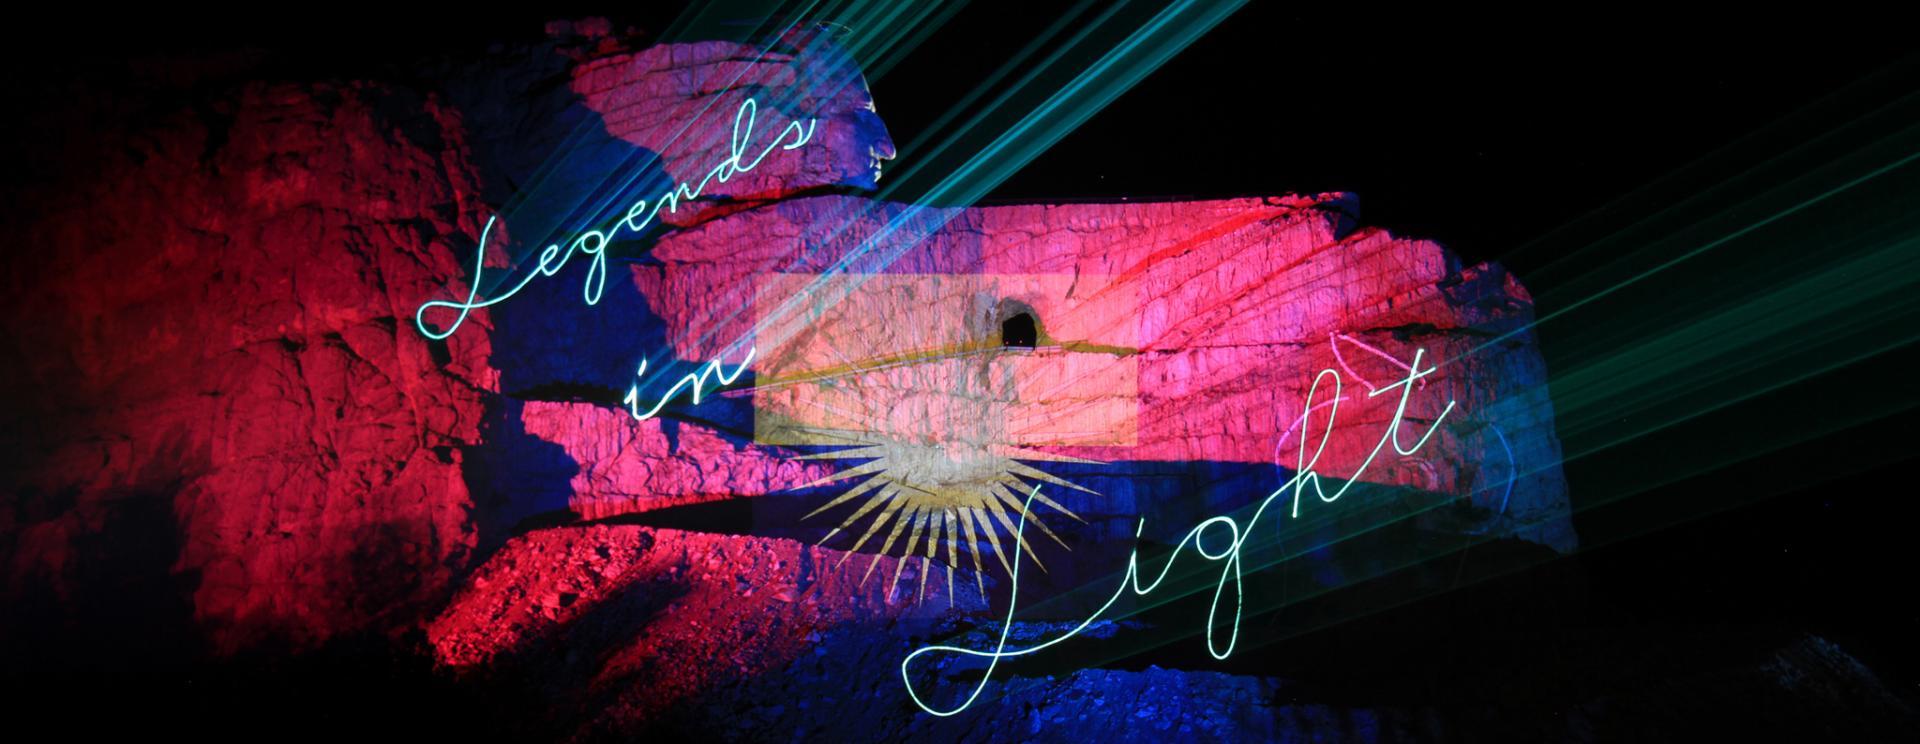 Legends in Light   Crazy Horse Memorial